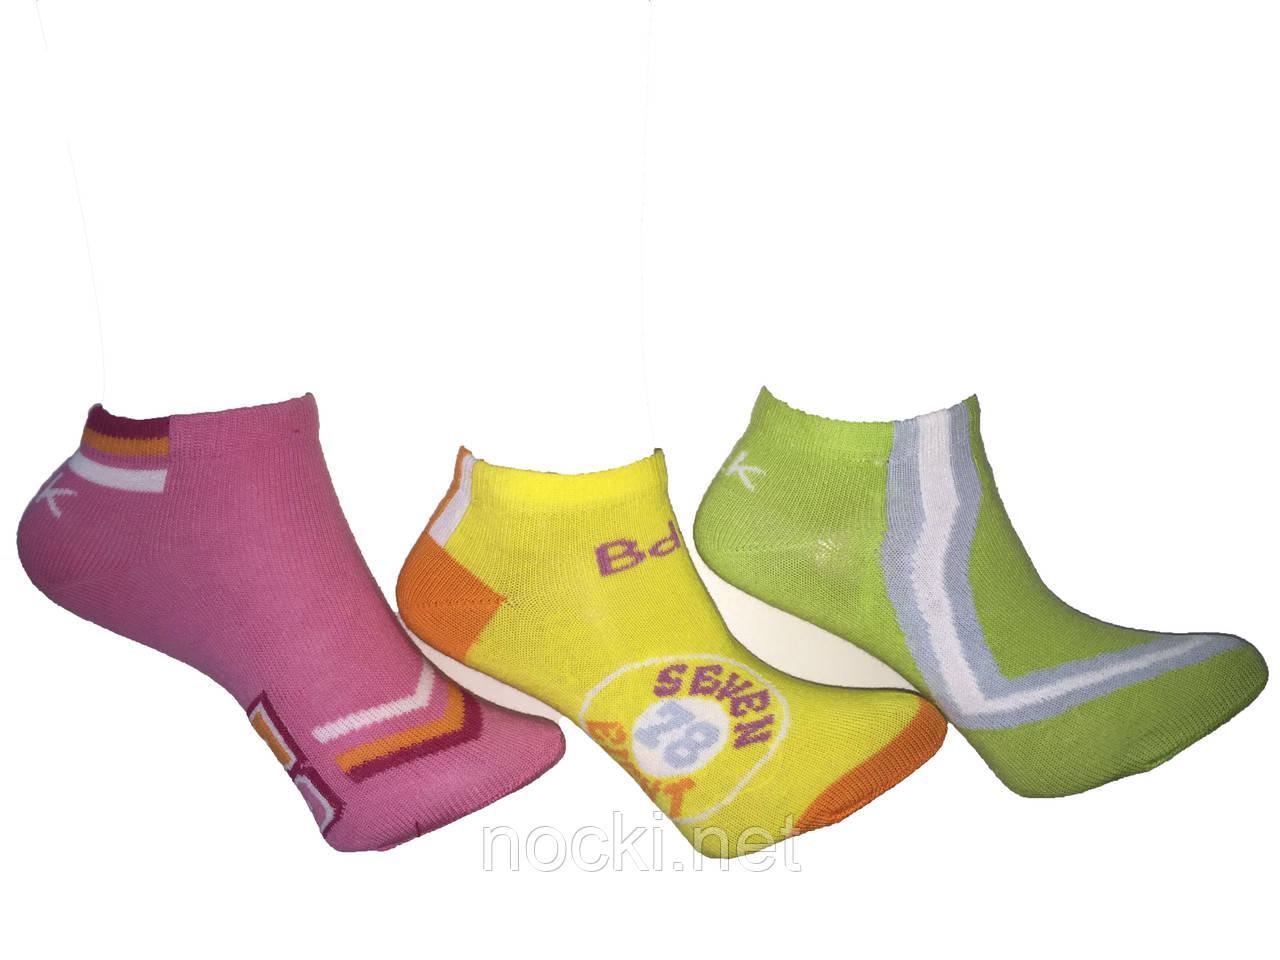 Шкарпетки дитячі короткі пр-під Туреччина р. 9